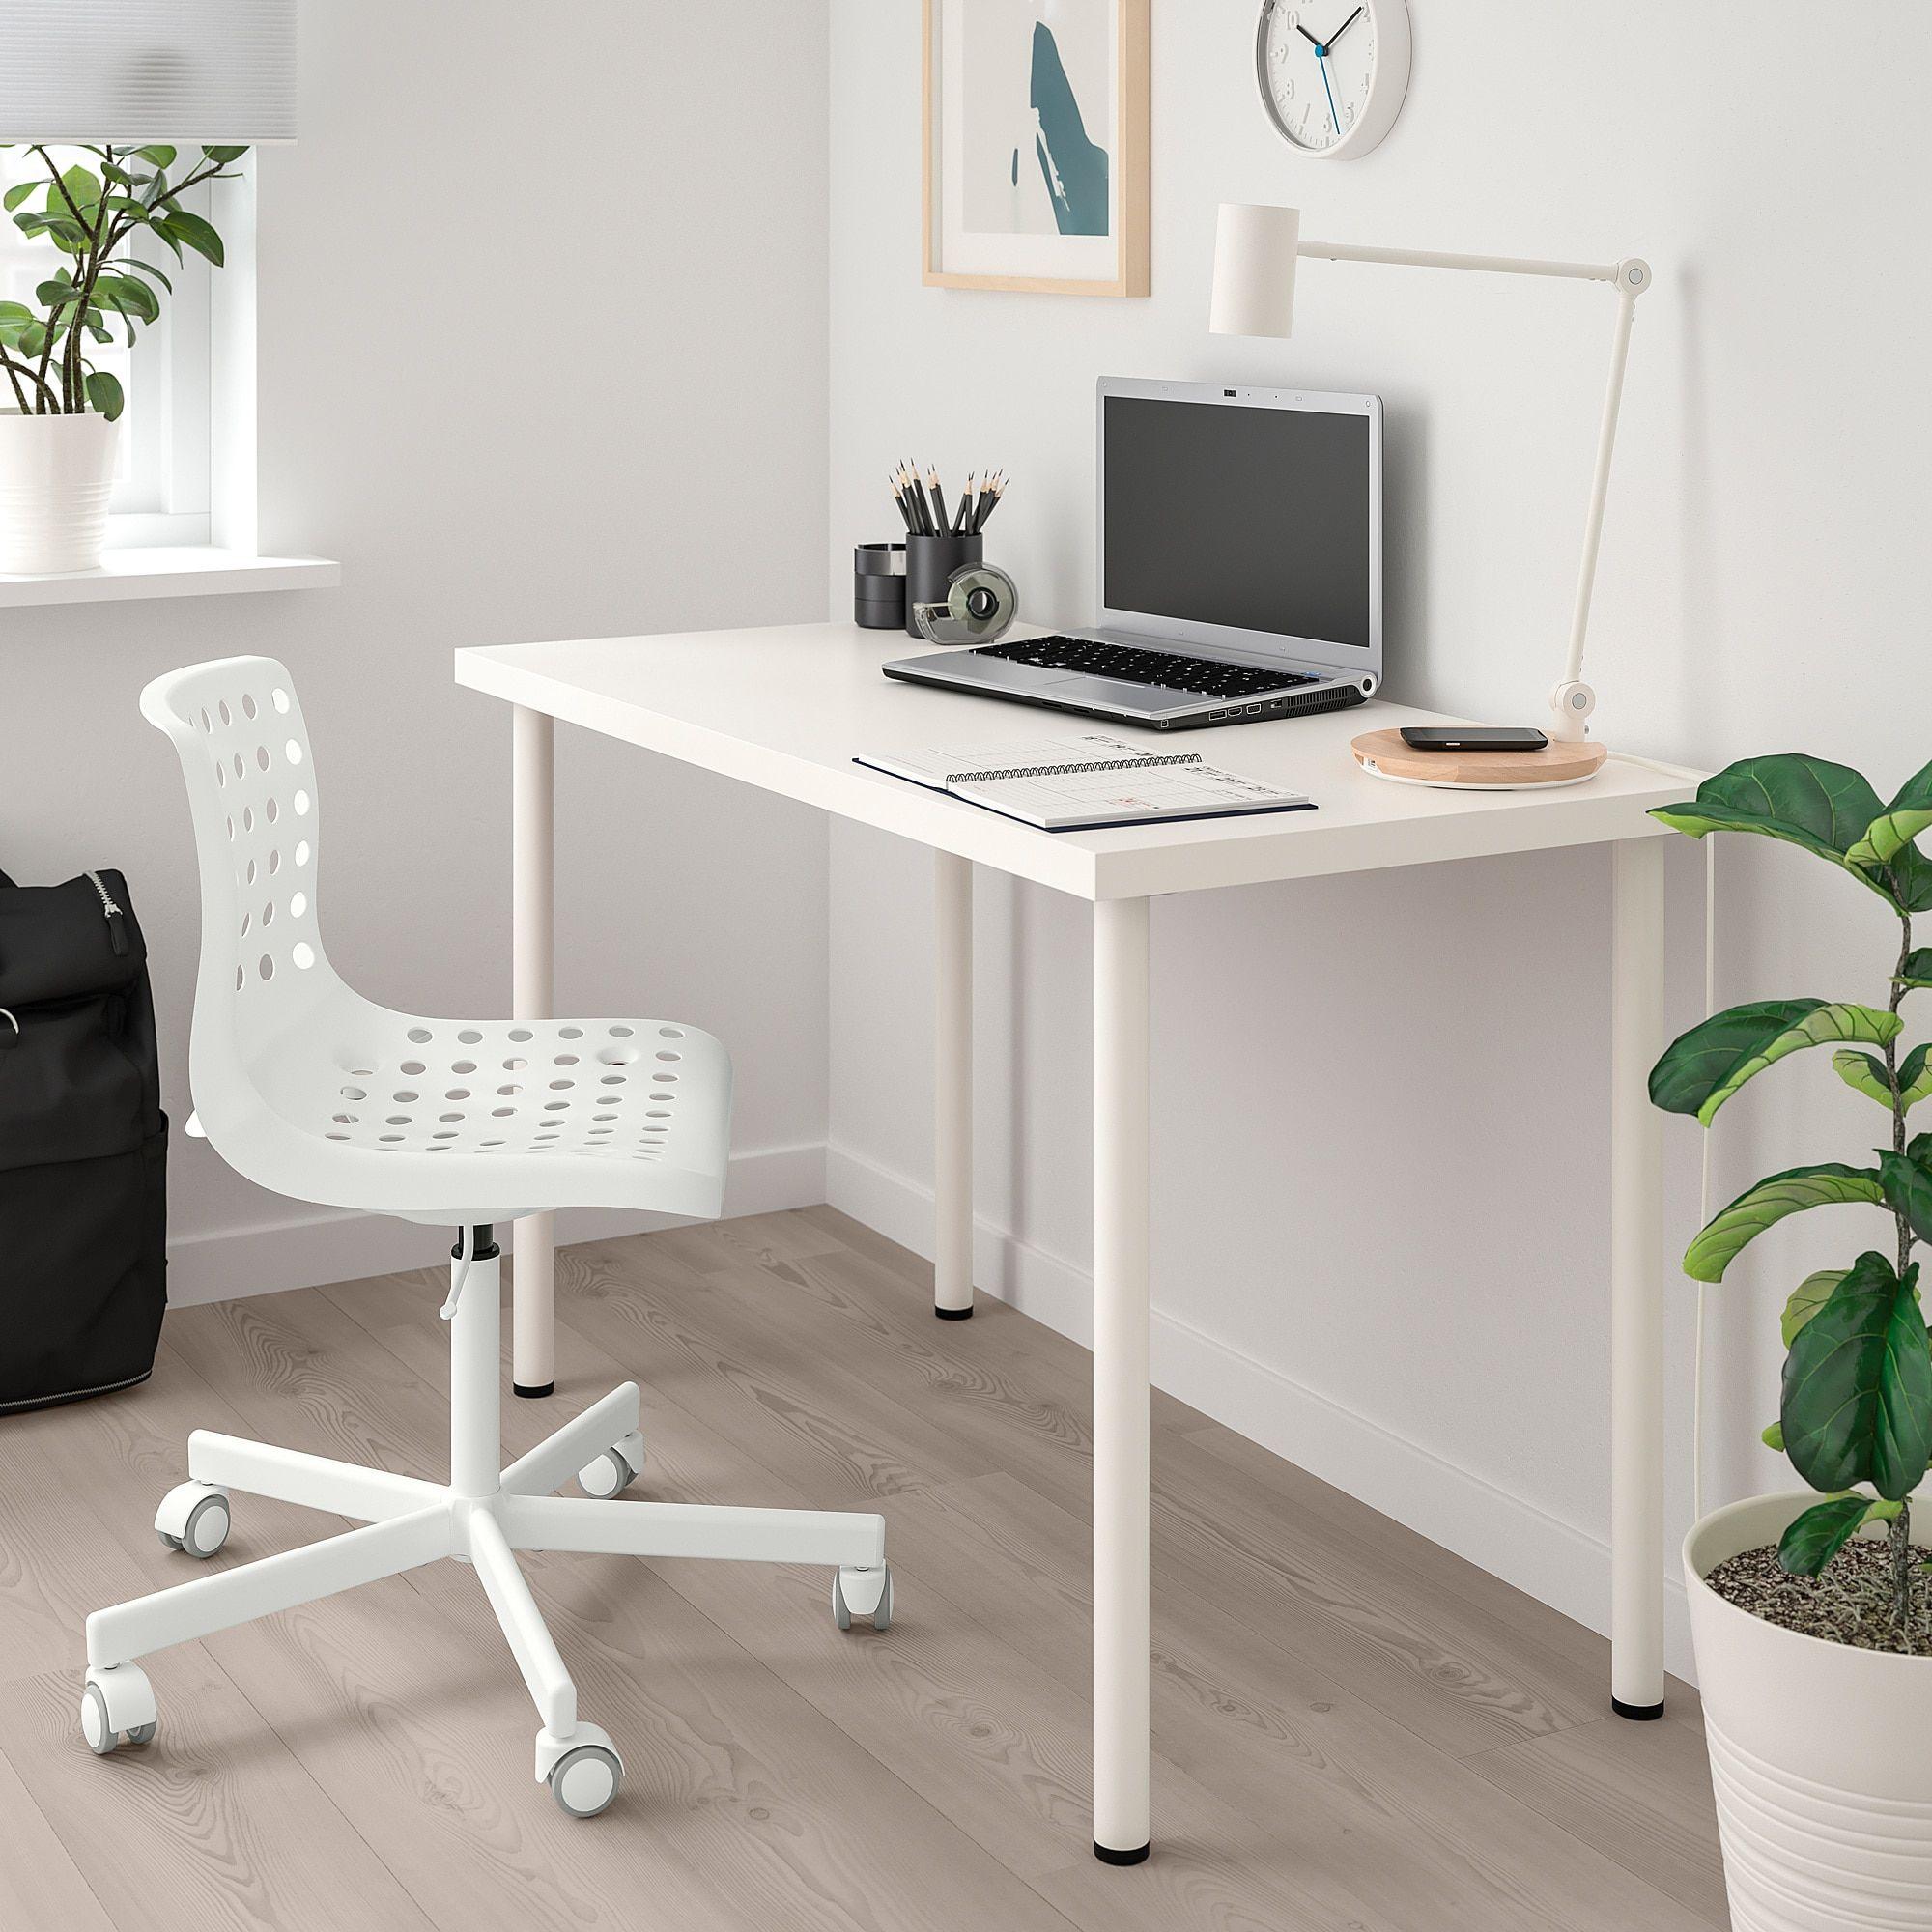 SKÅLBERG / SPORREN Swivel chair white Swivel chair